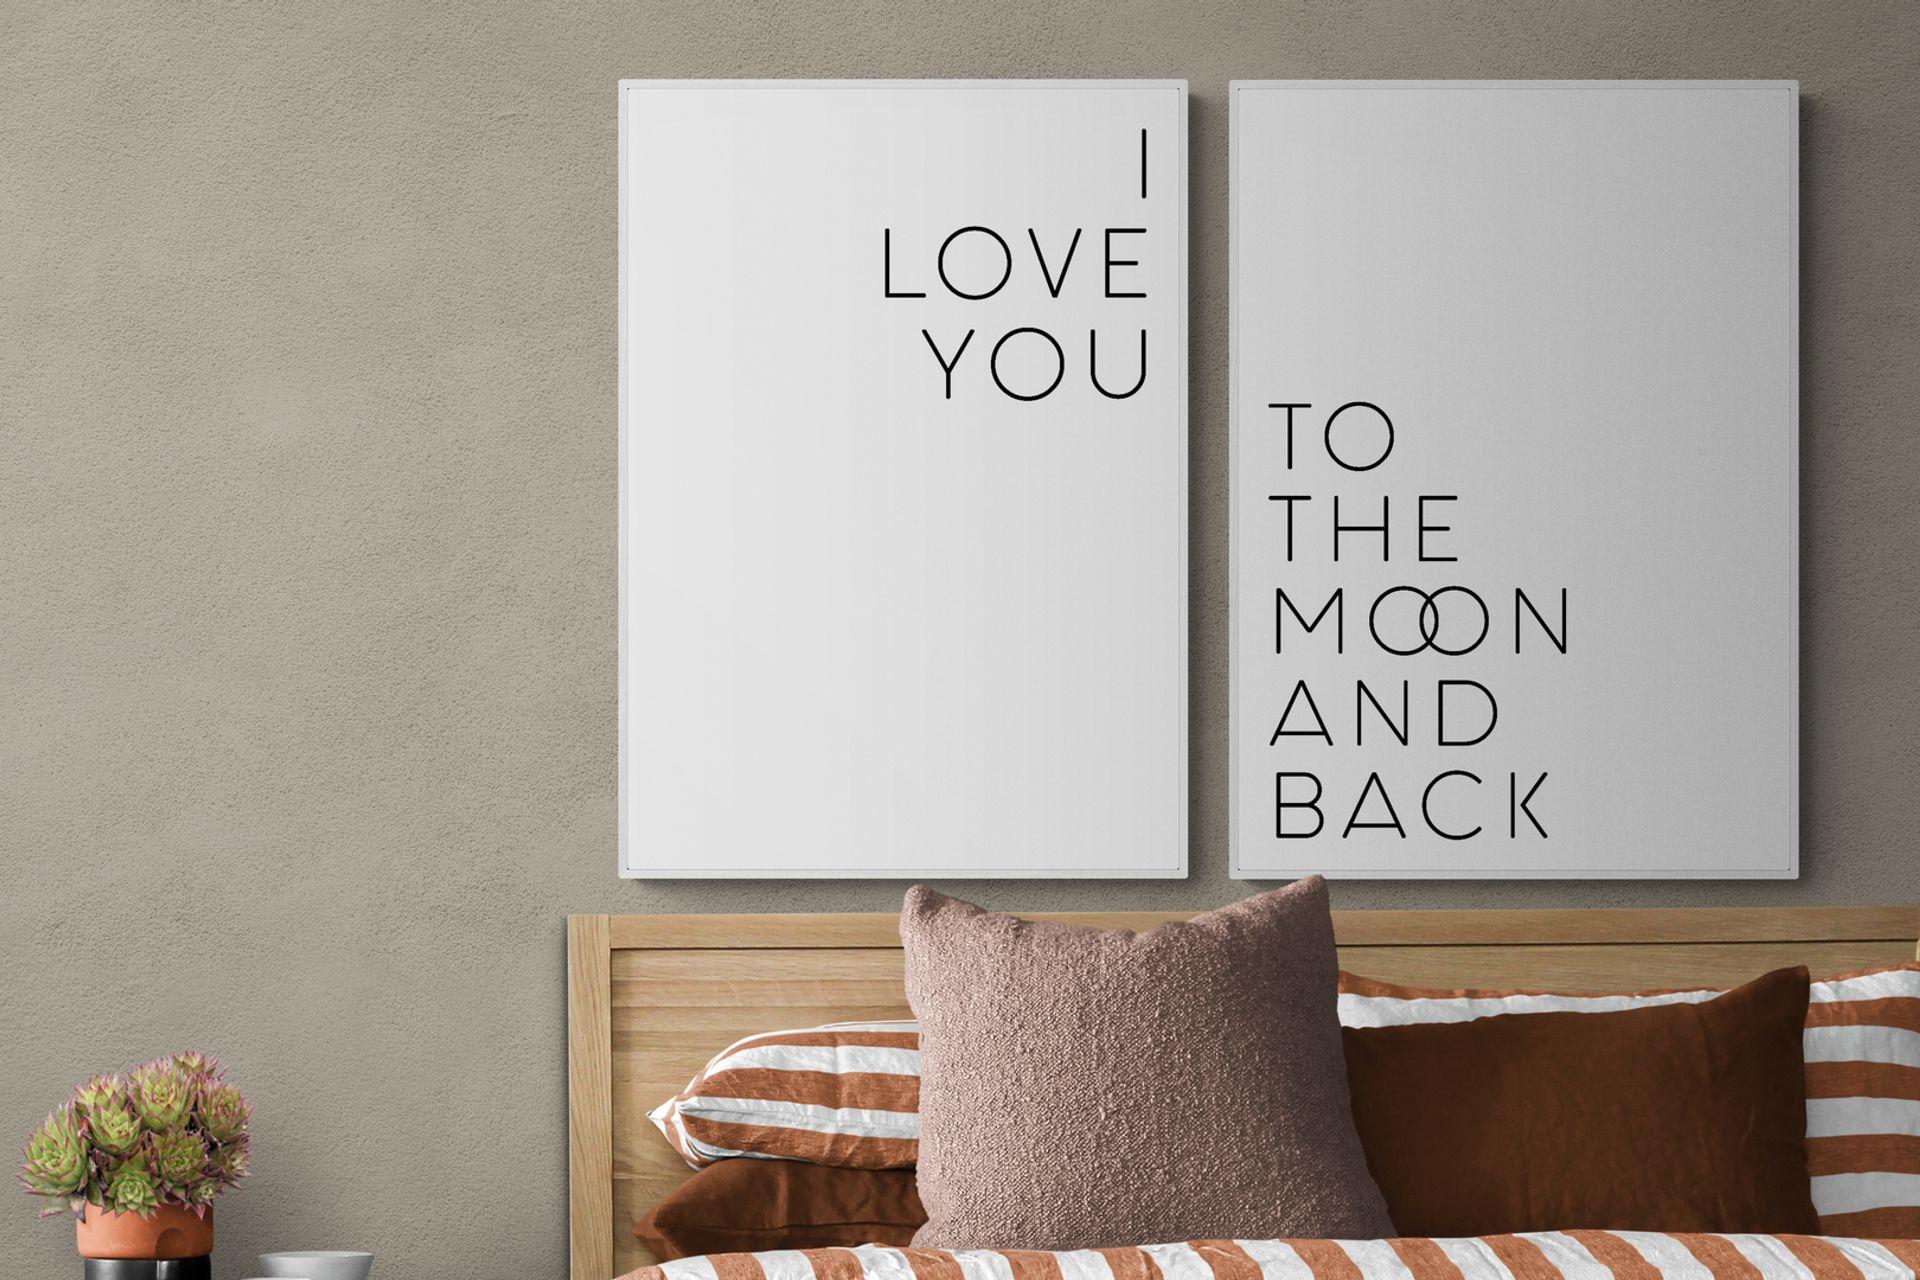 I LOVE YOU MOON THE BACK BEYAZ ÇERÇEVE TABLO SETİ 50x70